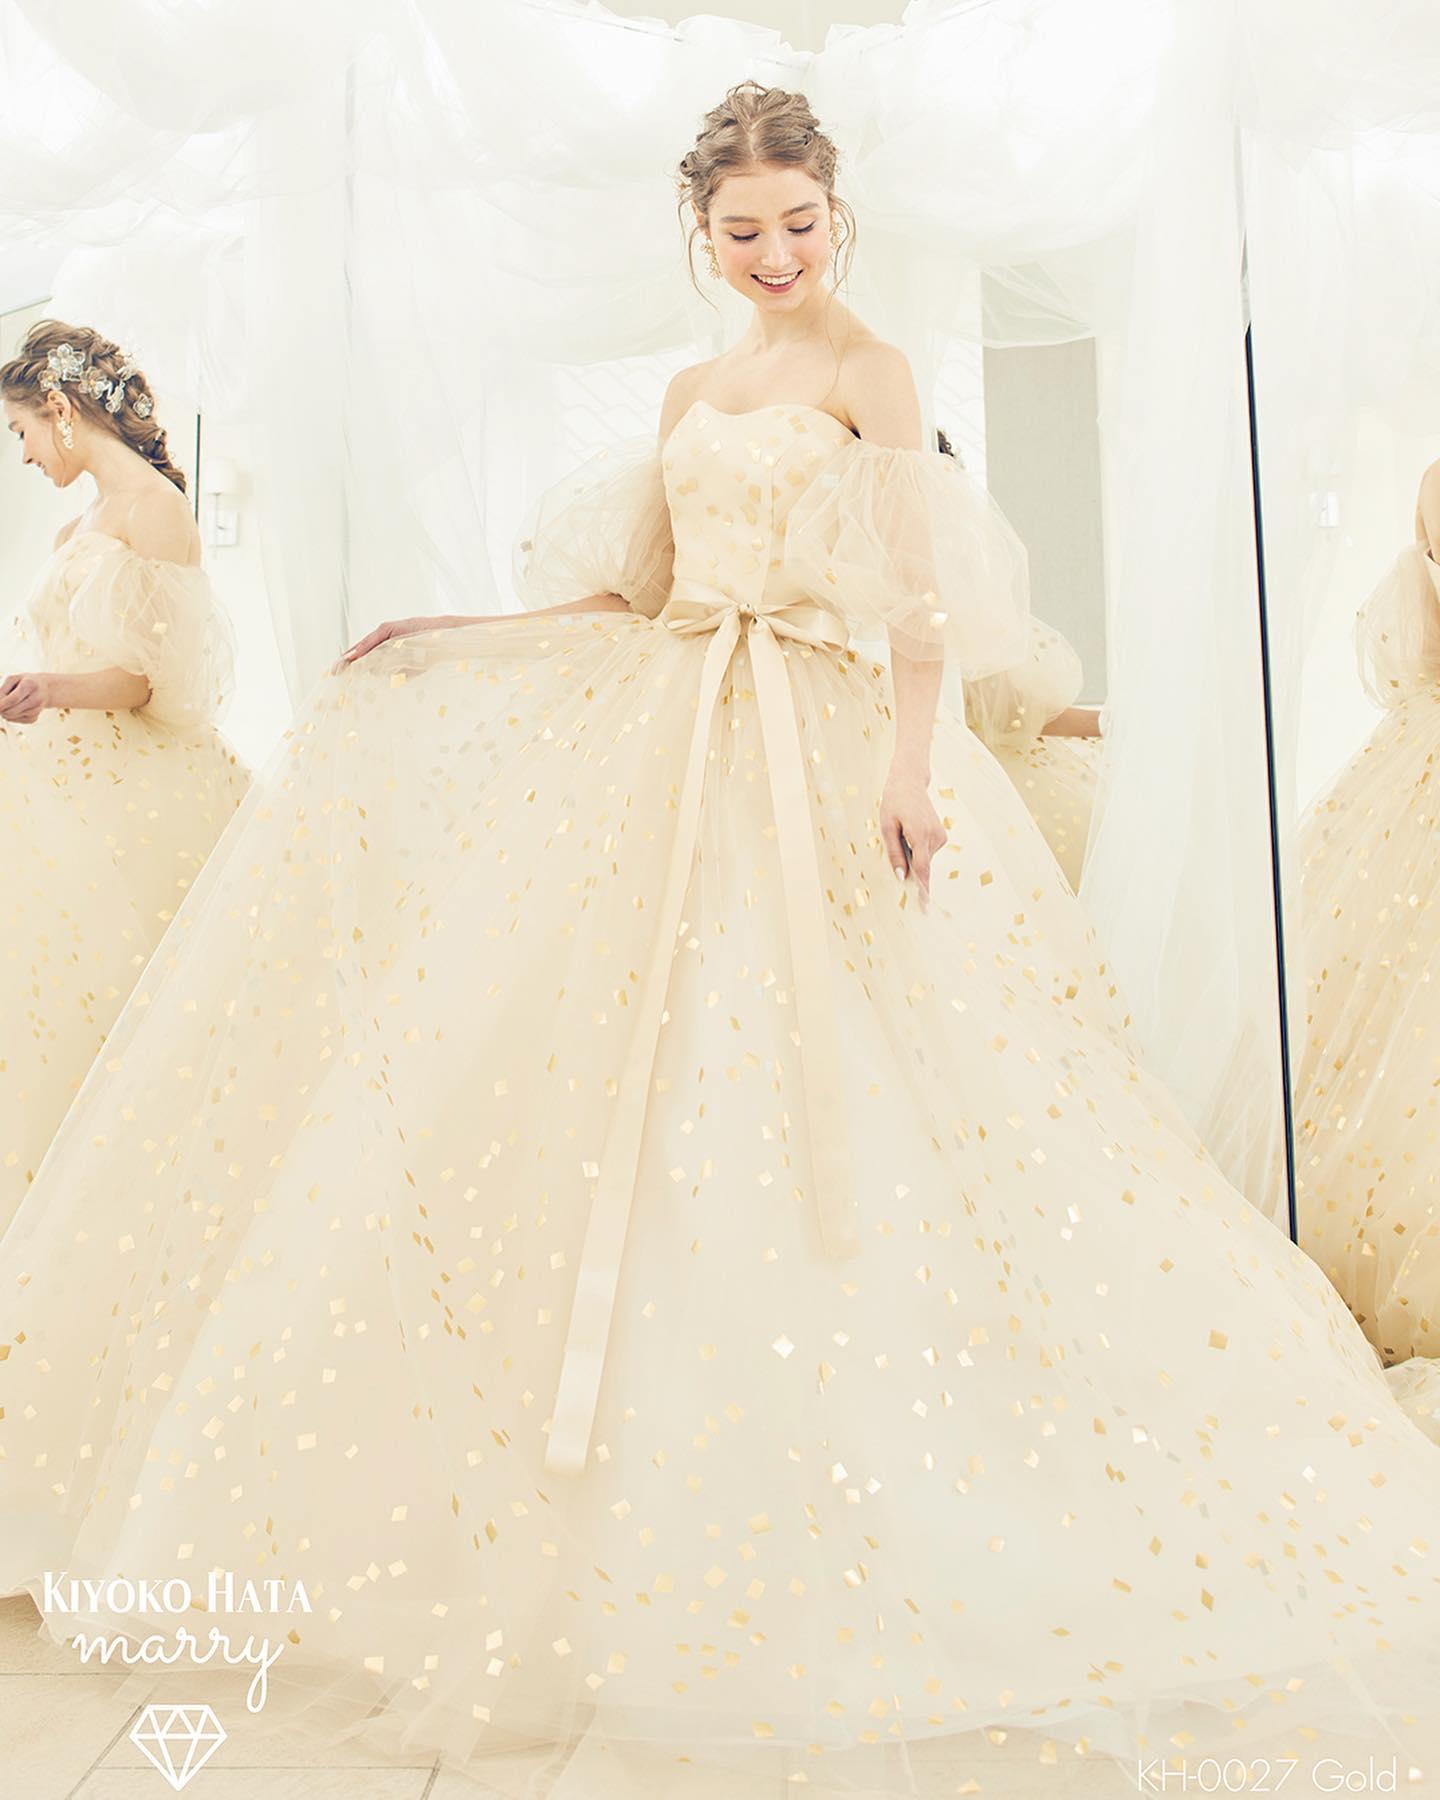 ・🕊新作ドレス入荷🕊・今日は大人気のKIYOKO HATA の新作カラードレスをご紹介・祝福のコンフェッティが舞う瞬間を表現したドレス・最近流行りの白から白のお色直し用ウェディングドレスにもぴったりなシャンパンゴールド・シルバーのコンフェッティは光に反射してゴールドにも見えます🤍・ぜひお問い合わせ下さい・ 【KIYOKO HATA】CD0376KH-0027 ゴールド【コンフェッティドレス】・#wedding #weddingdress #bridalhiro #kiyokohata #ウェディングドレス #プレ花嫁 #ドレス試着 #2021冬婚 #ヘアメイク #結婚式  #ドレス選び #前撮り #後撮り #フォトウェディング #ウェディングヘア  #フォト婚 #前撮り写真 #ブライダルフォト #カップルフォト #ウェディングドレス探し #ウェディングドレス試着 #レンタルドレス #ドレスショップ #家族婚 #ブライダルヒロ #ゼクシィ #プリンセスライン #ドレス迷子 #キヨコハタ #キヨコハタドレス